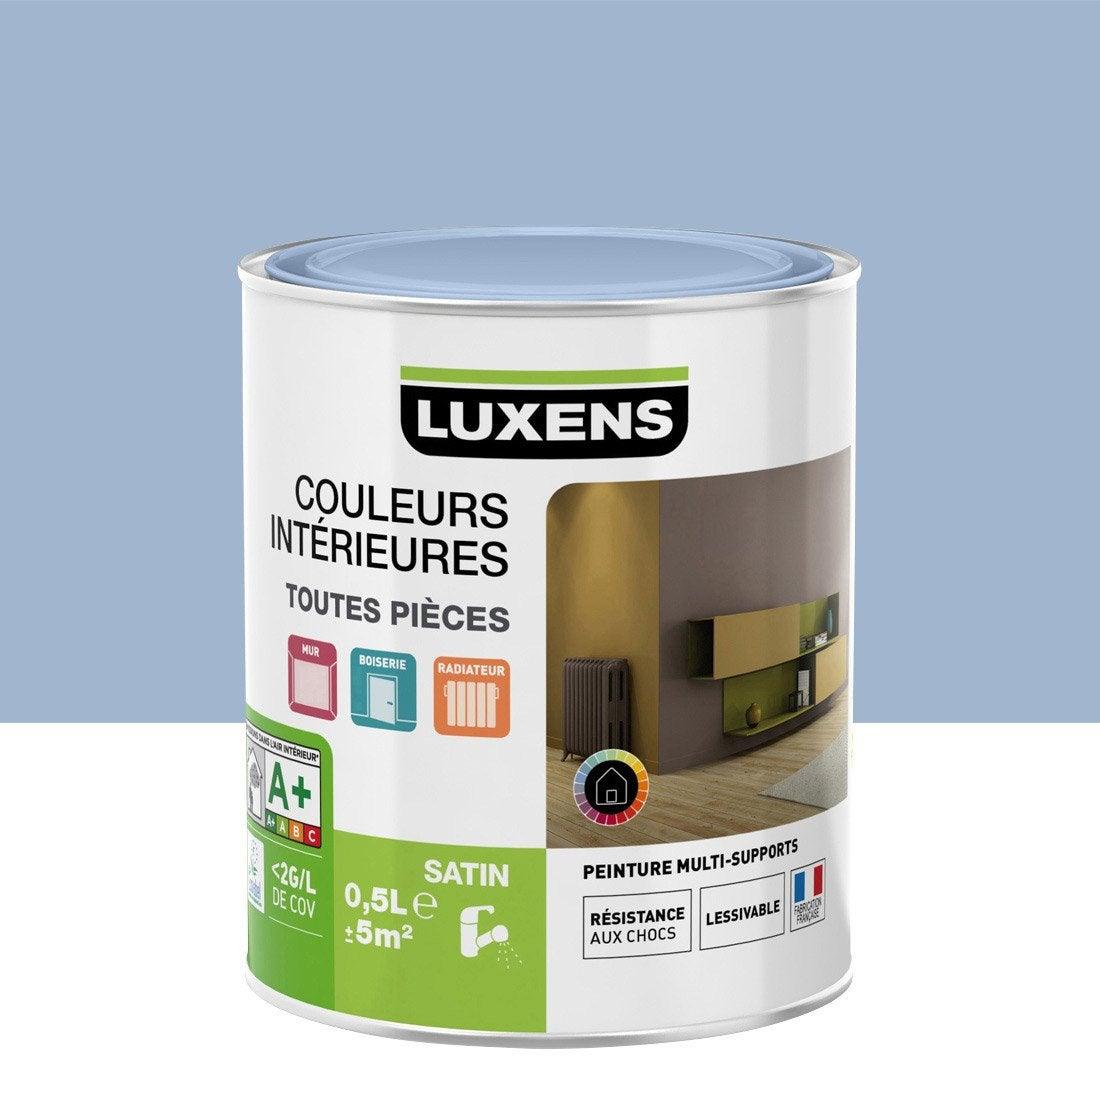 Peinture bleu orageux 5 luxens couleurs int rieures satin - Peinture bleu petrole leroy merlin ...